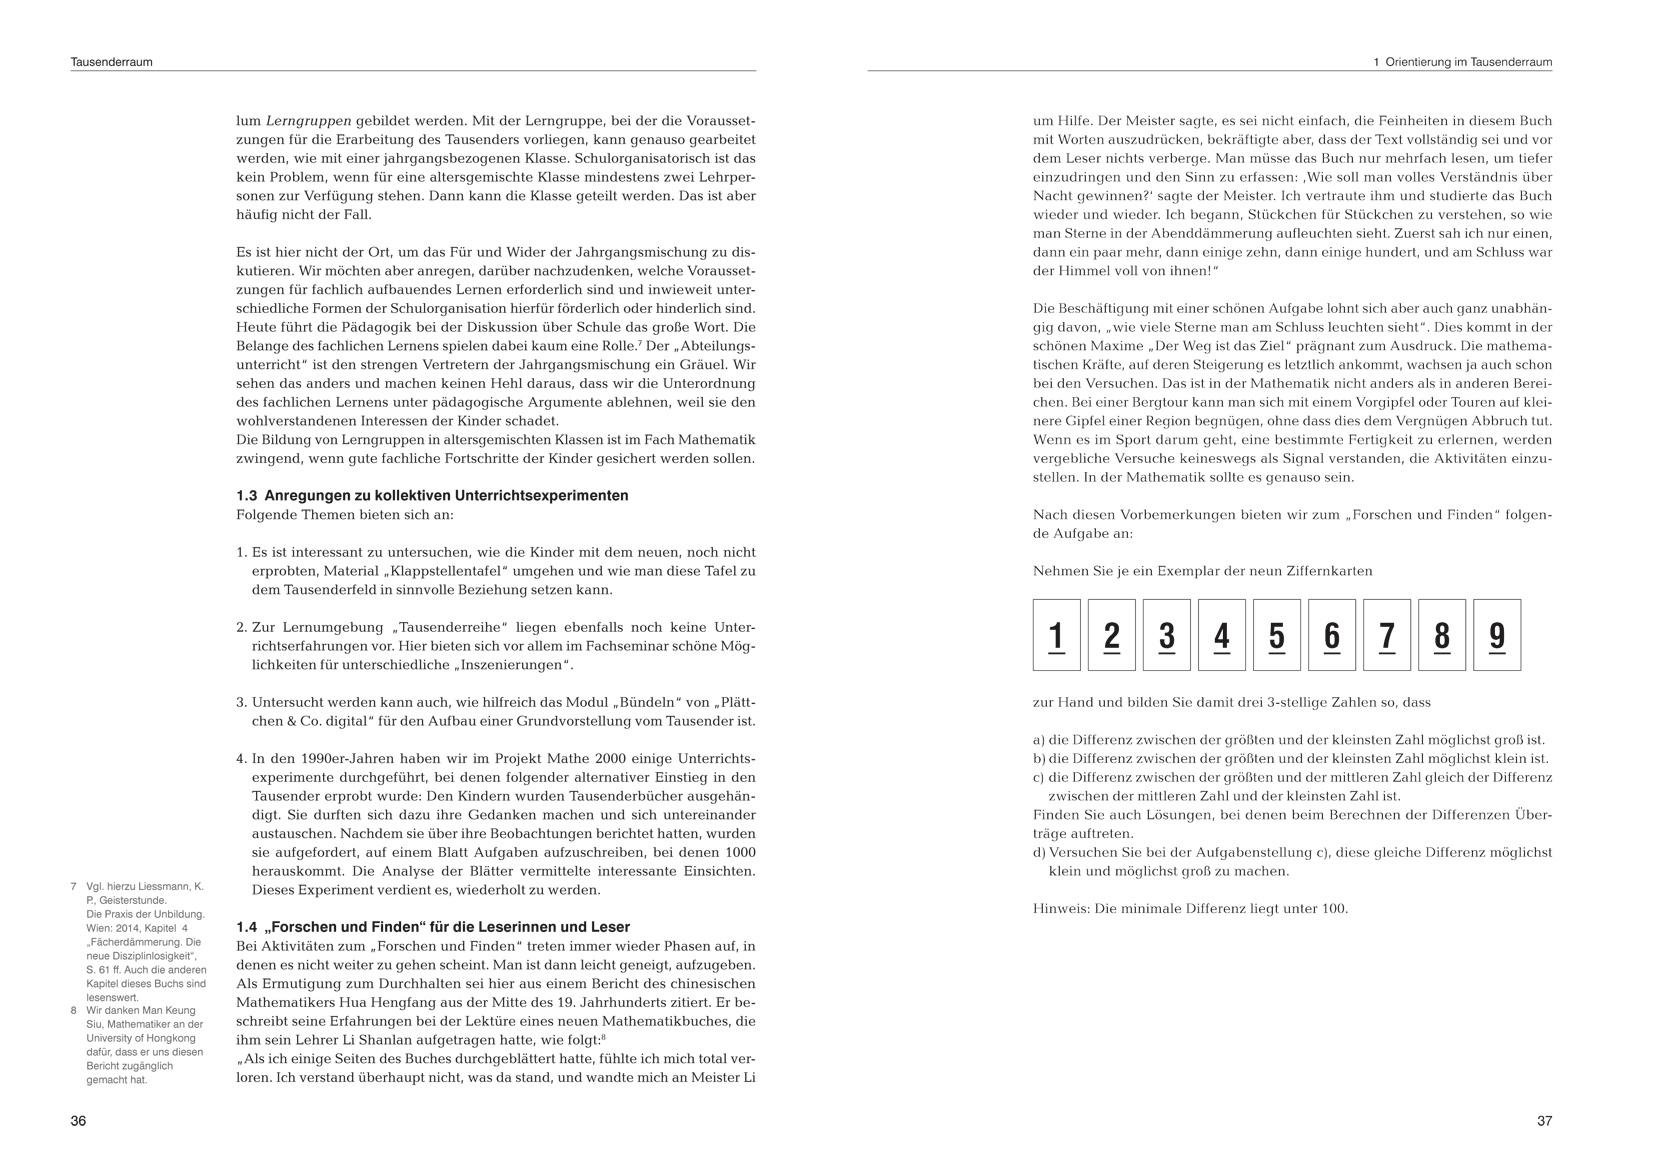 Handbuch Produktiver Rechenübungen Mathe 2000